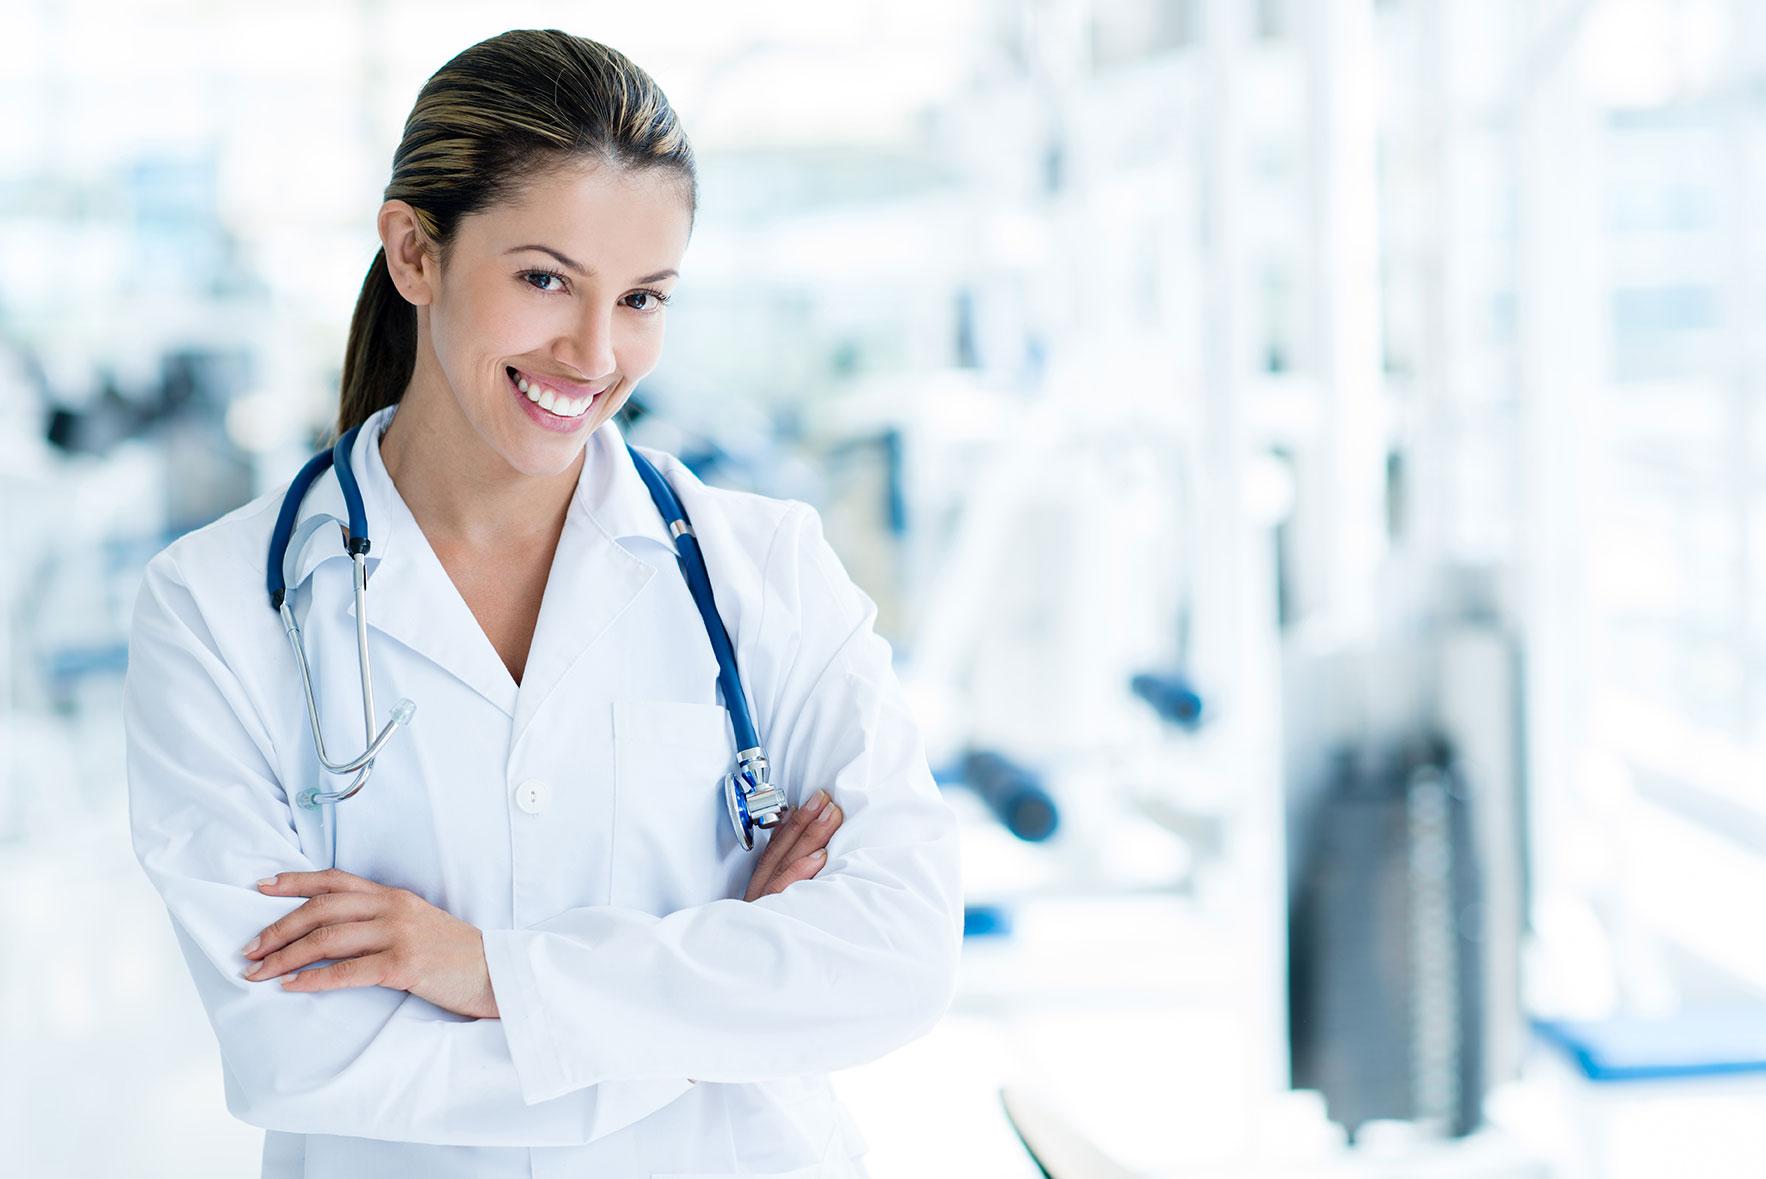 Как записаться к врачу по интернету: инструкция к применению